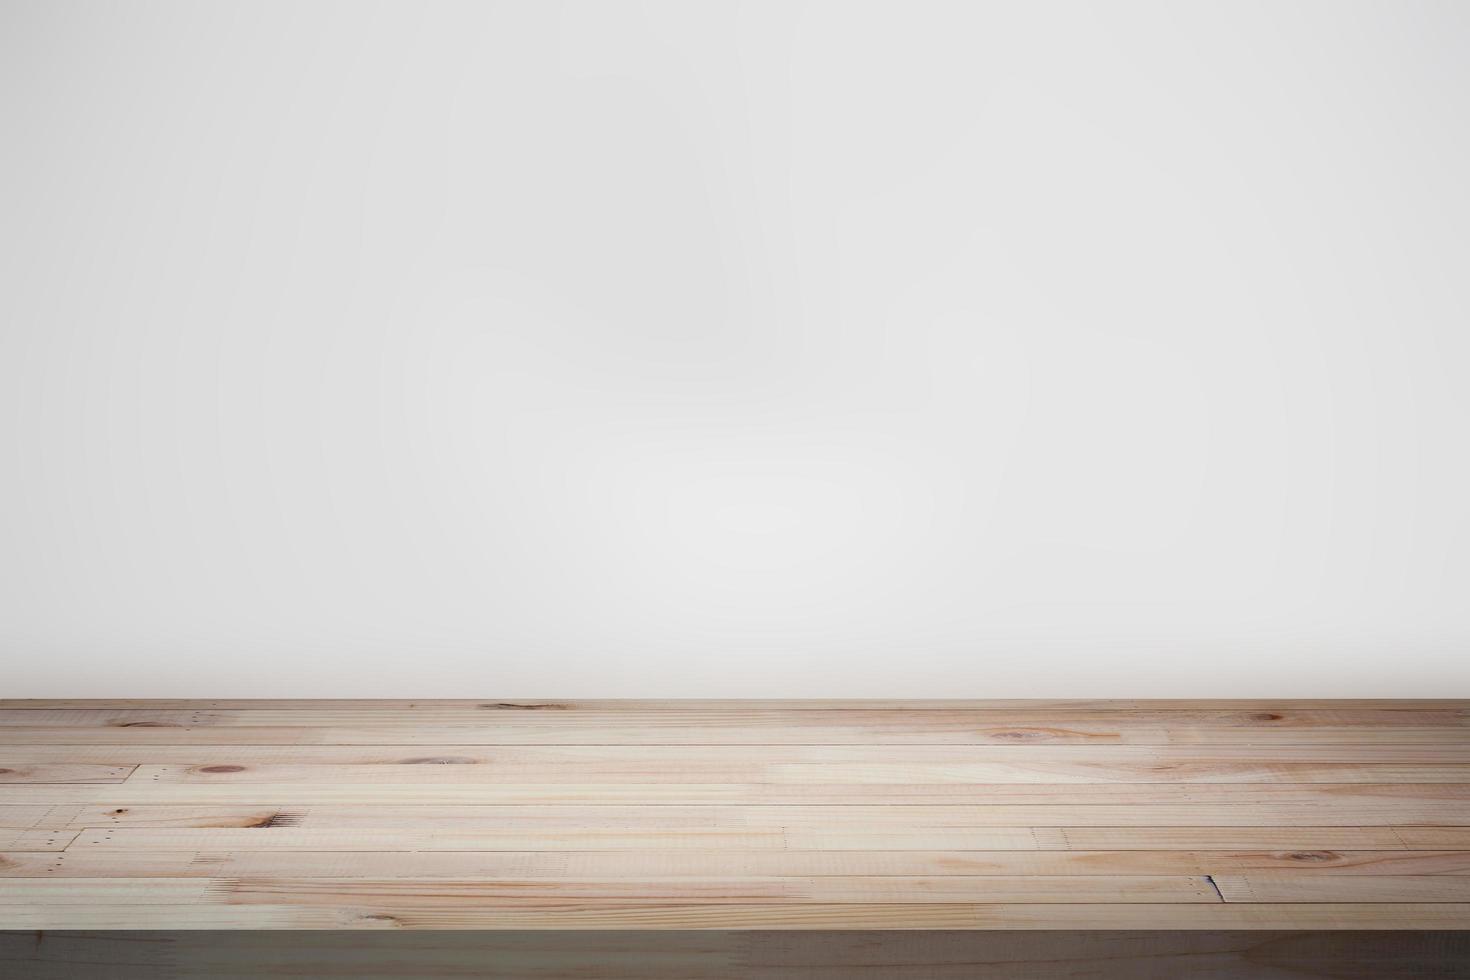 plateau de table avec fond vide photo